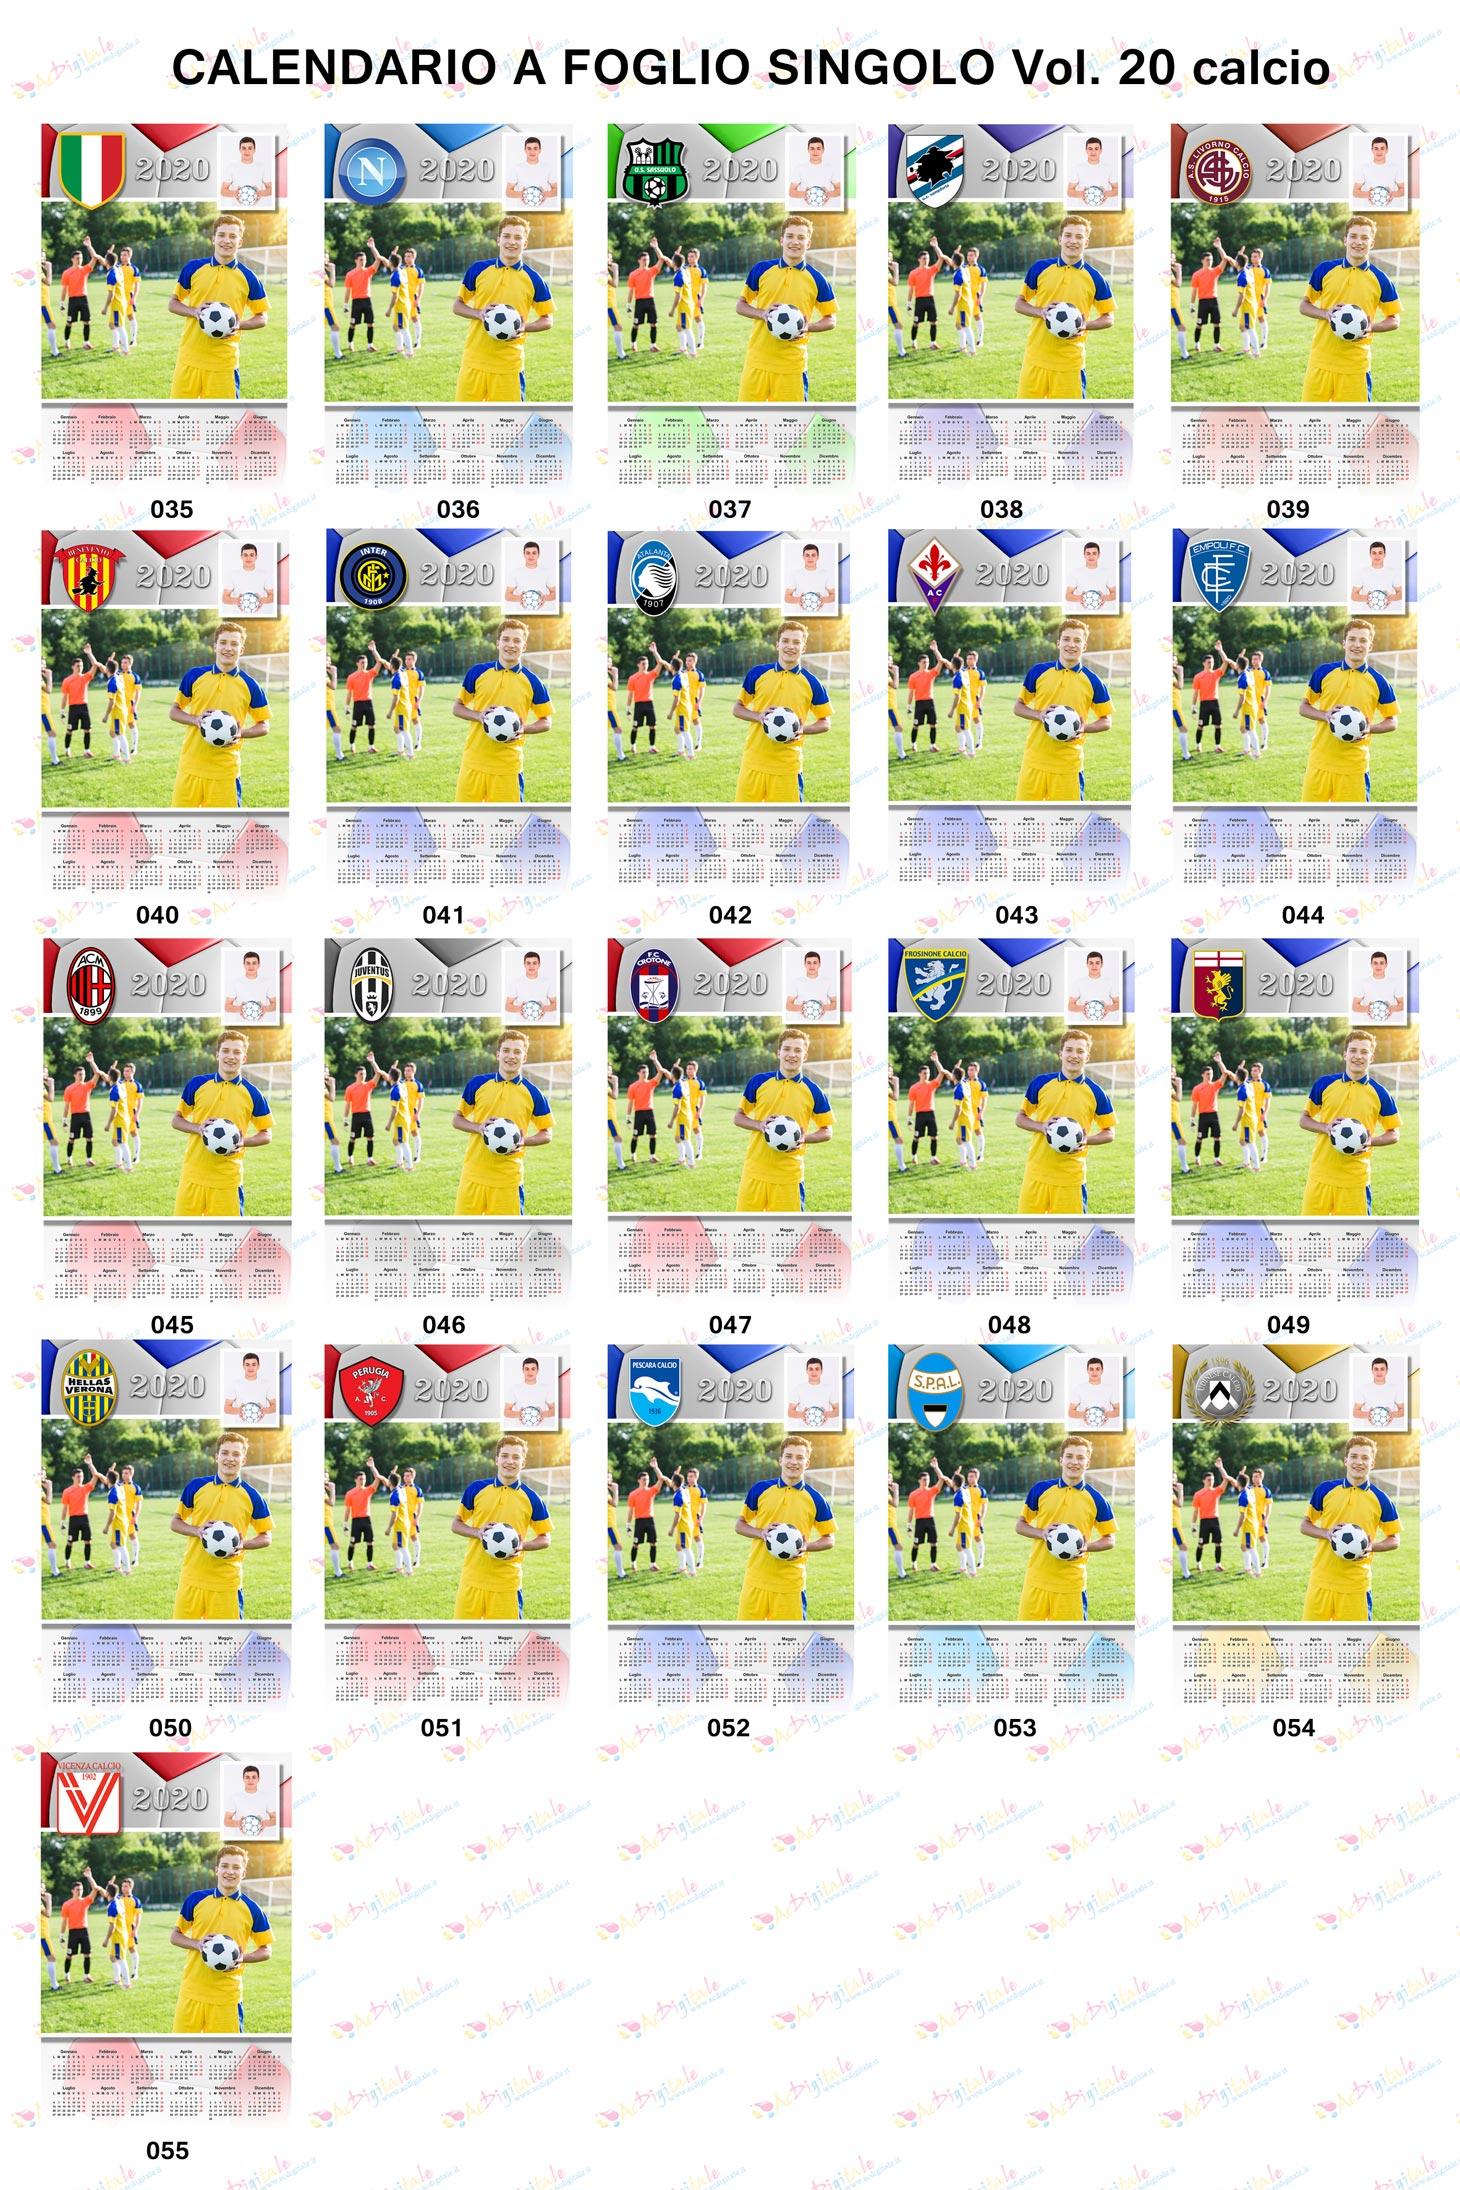 Anteprima calendari personalizzati Volume 20 calcio